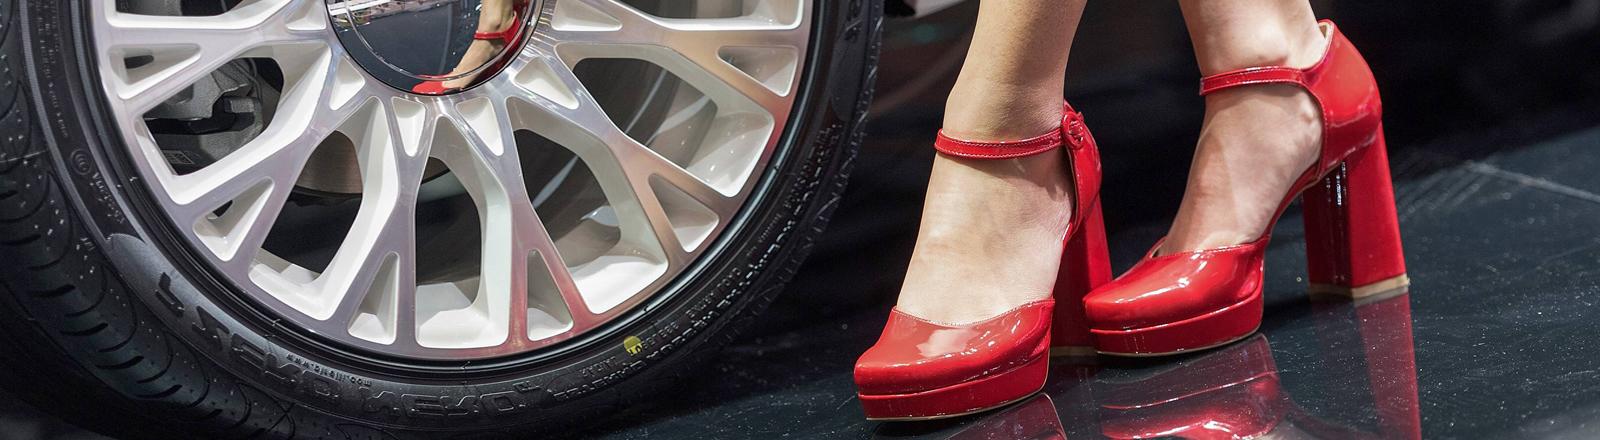 Frauen-Füße in roten Heels vor Autofelge